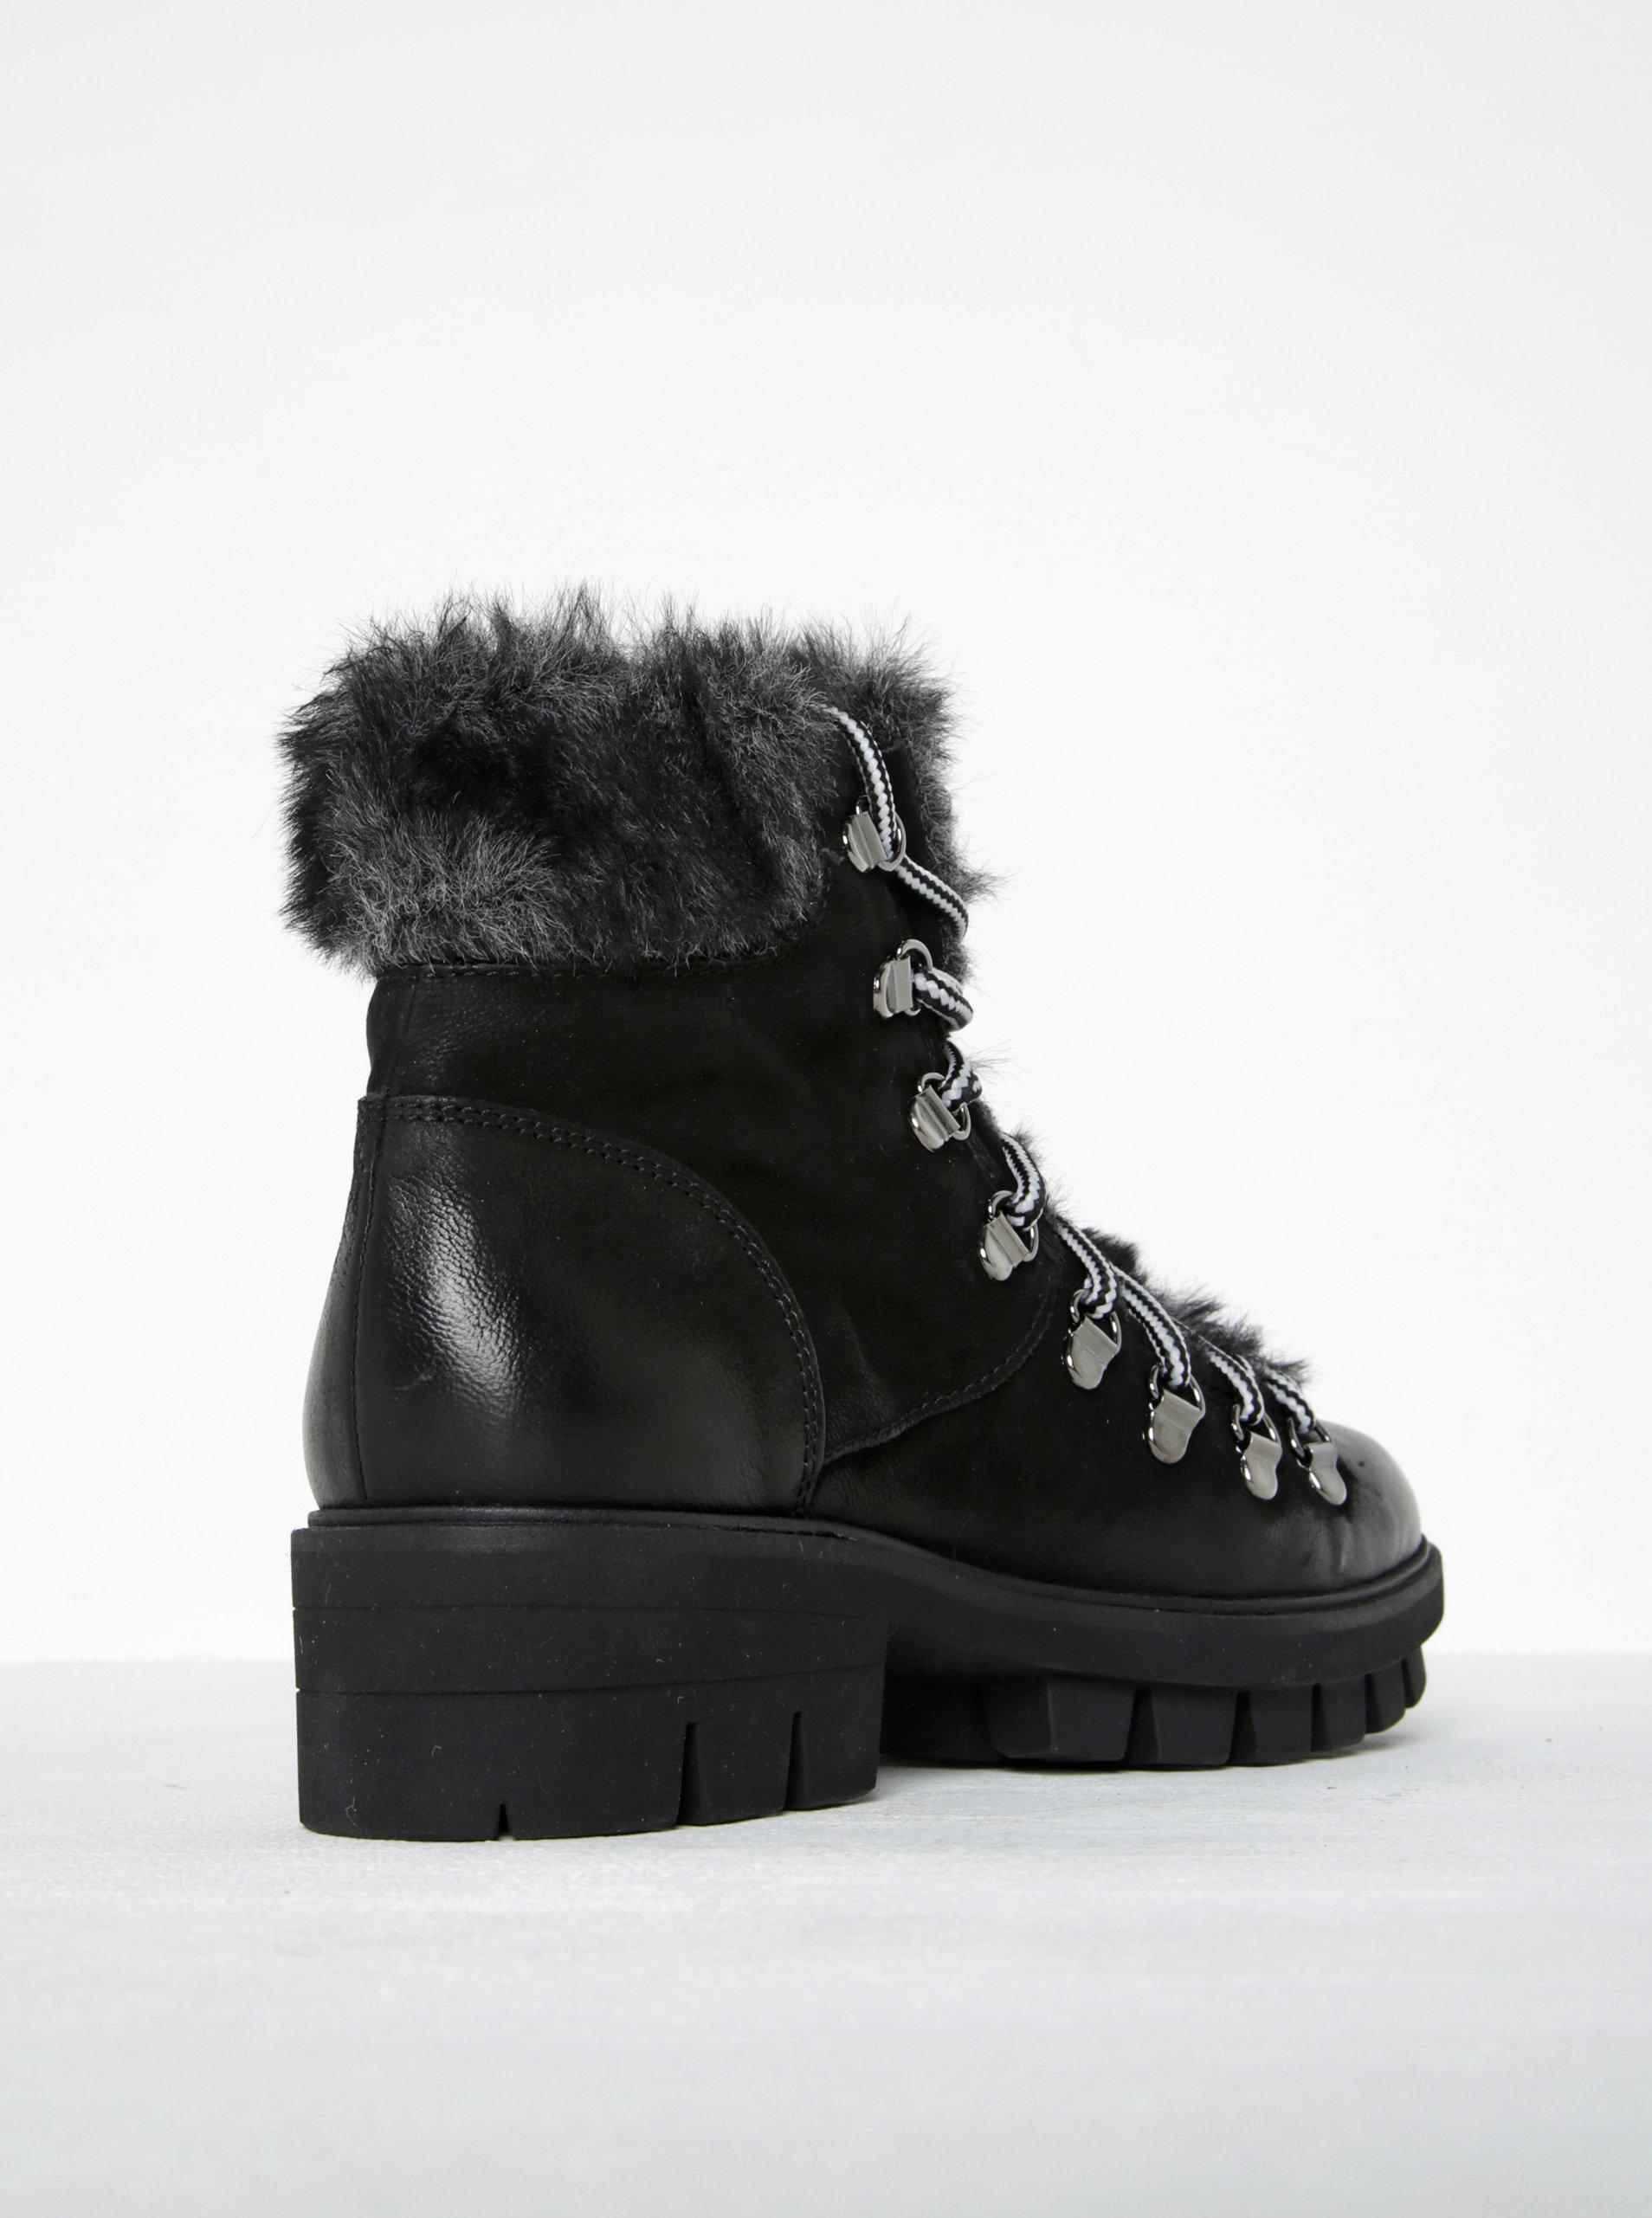 2ad19154b7 Čierne kožené členkové topánky s umelou kožušinou Tamaris ...